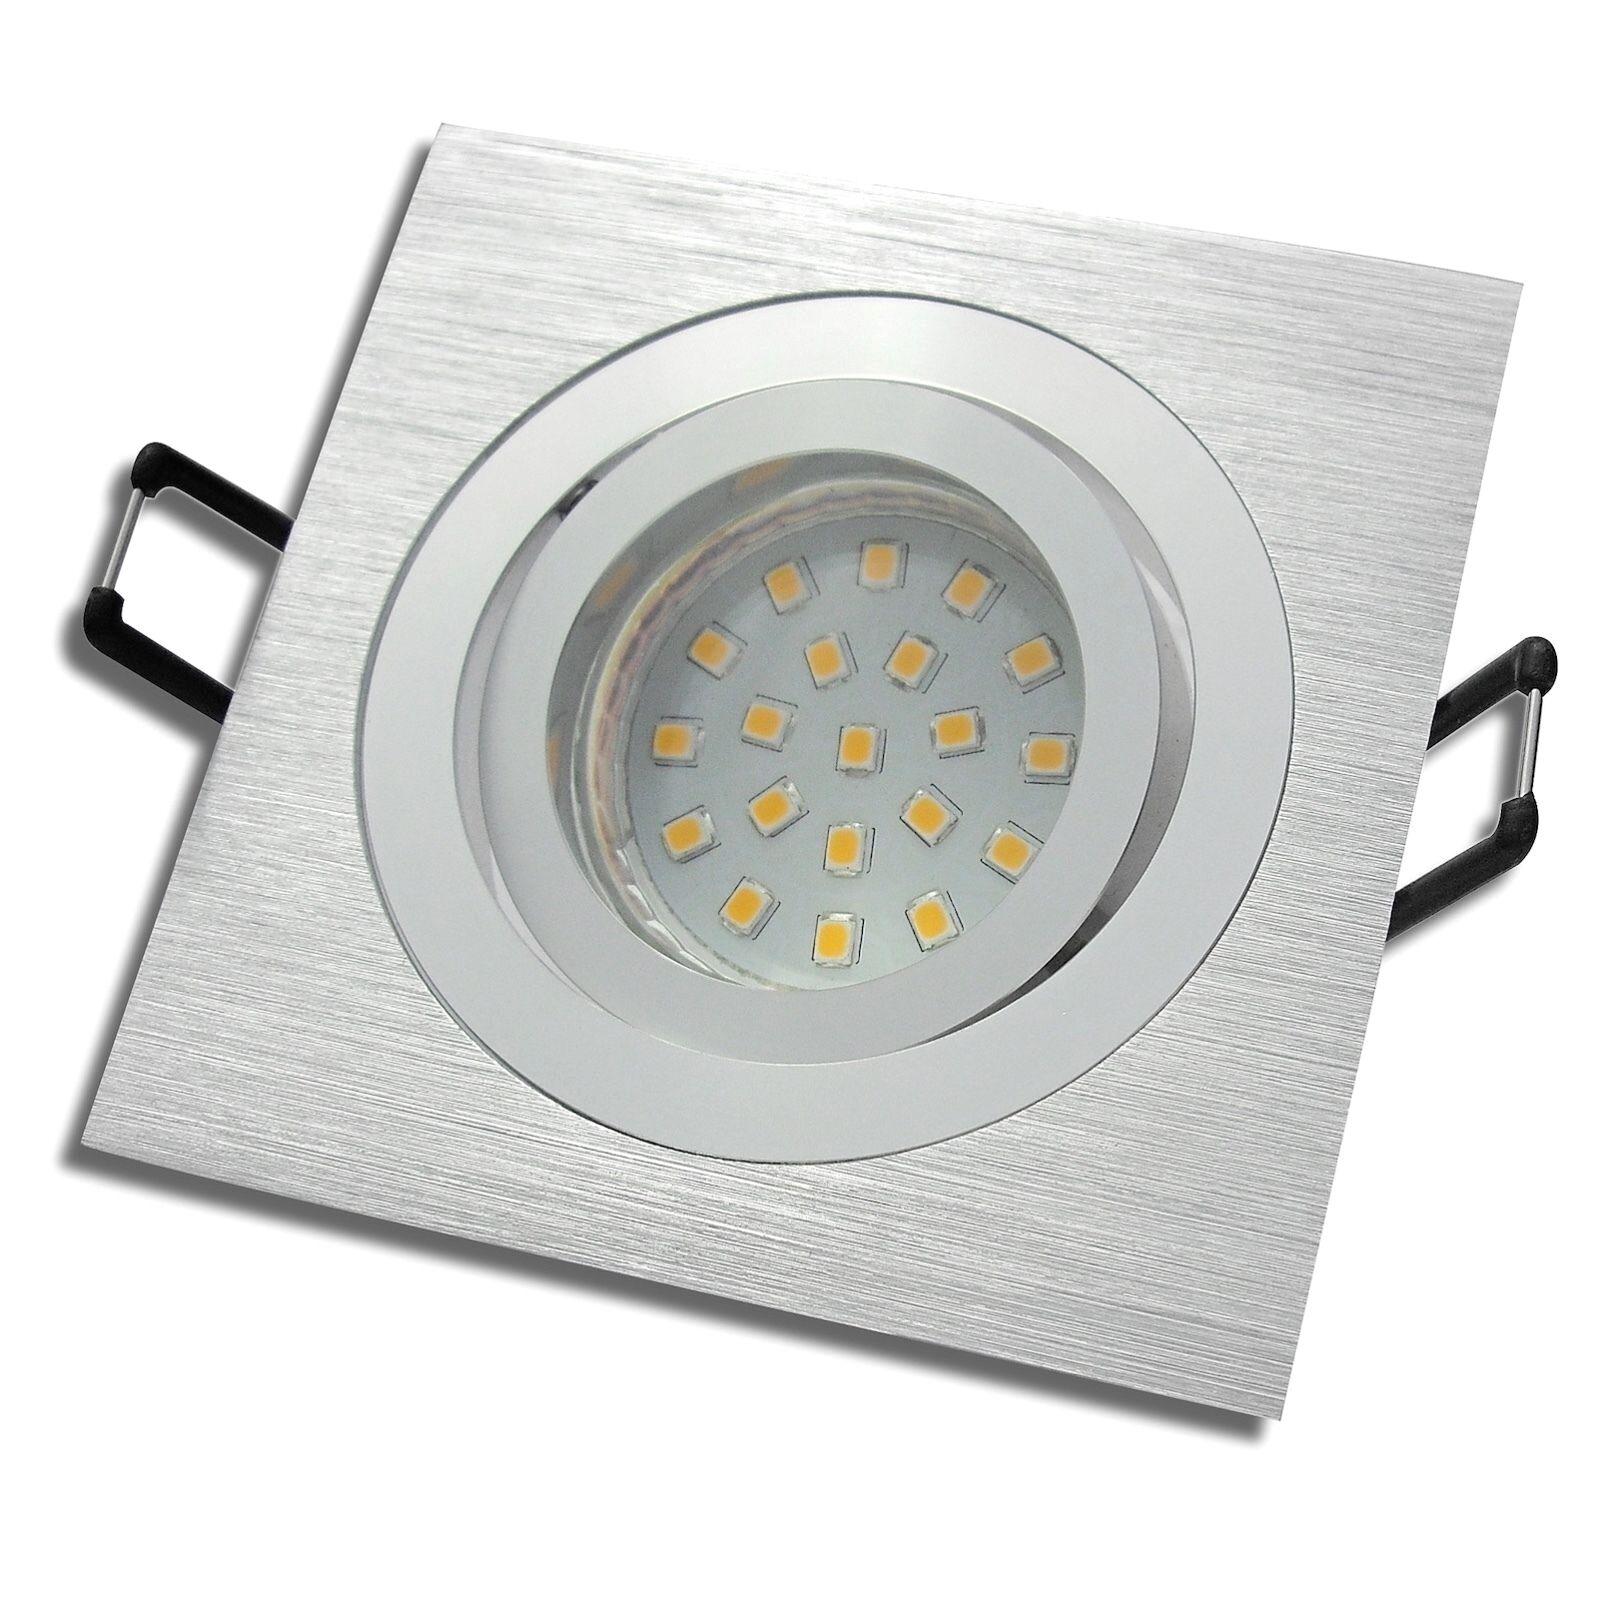 1-10er Sets   LED Einbaustrahler Mia   230V   5W = 50W   Step dimmbar 3 Stufen